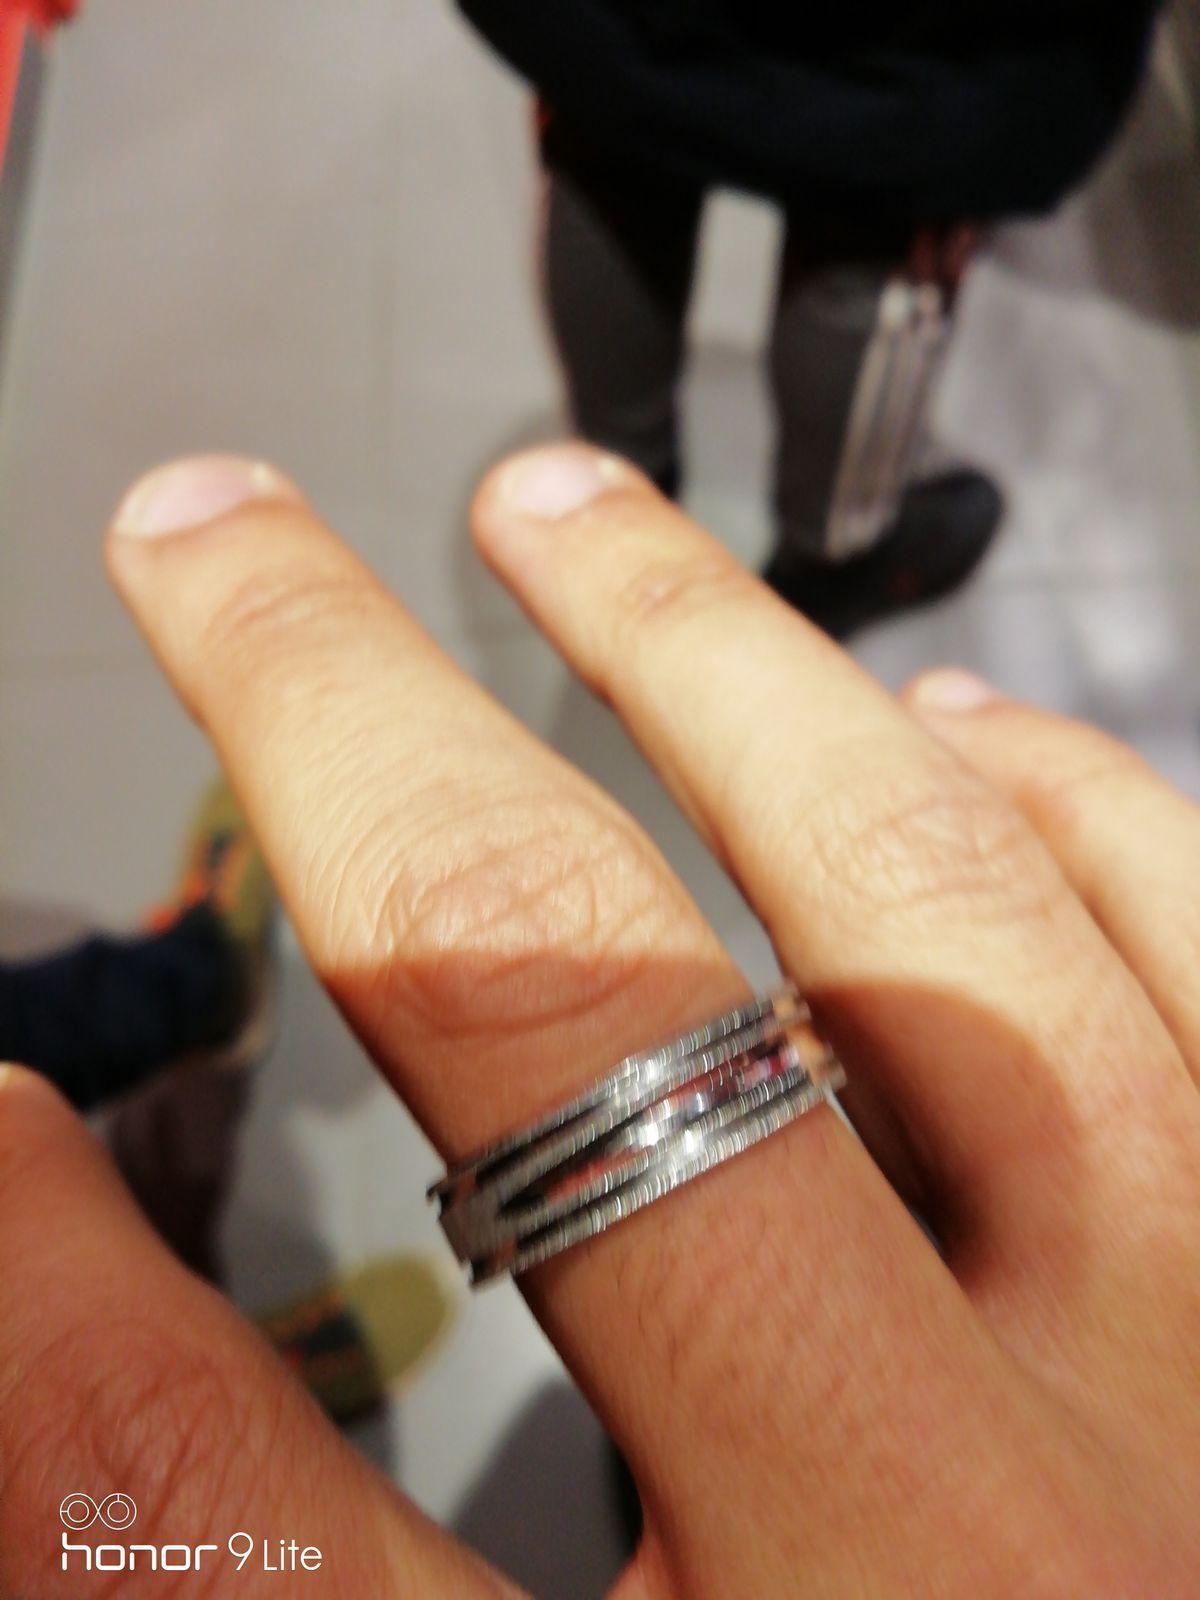 Кольцо просто прекрасное